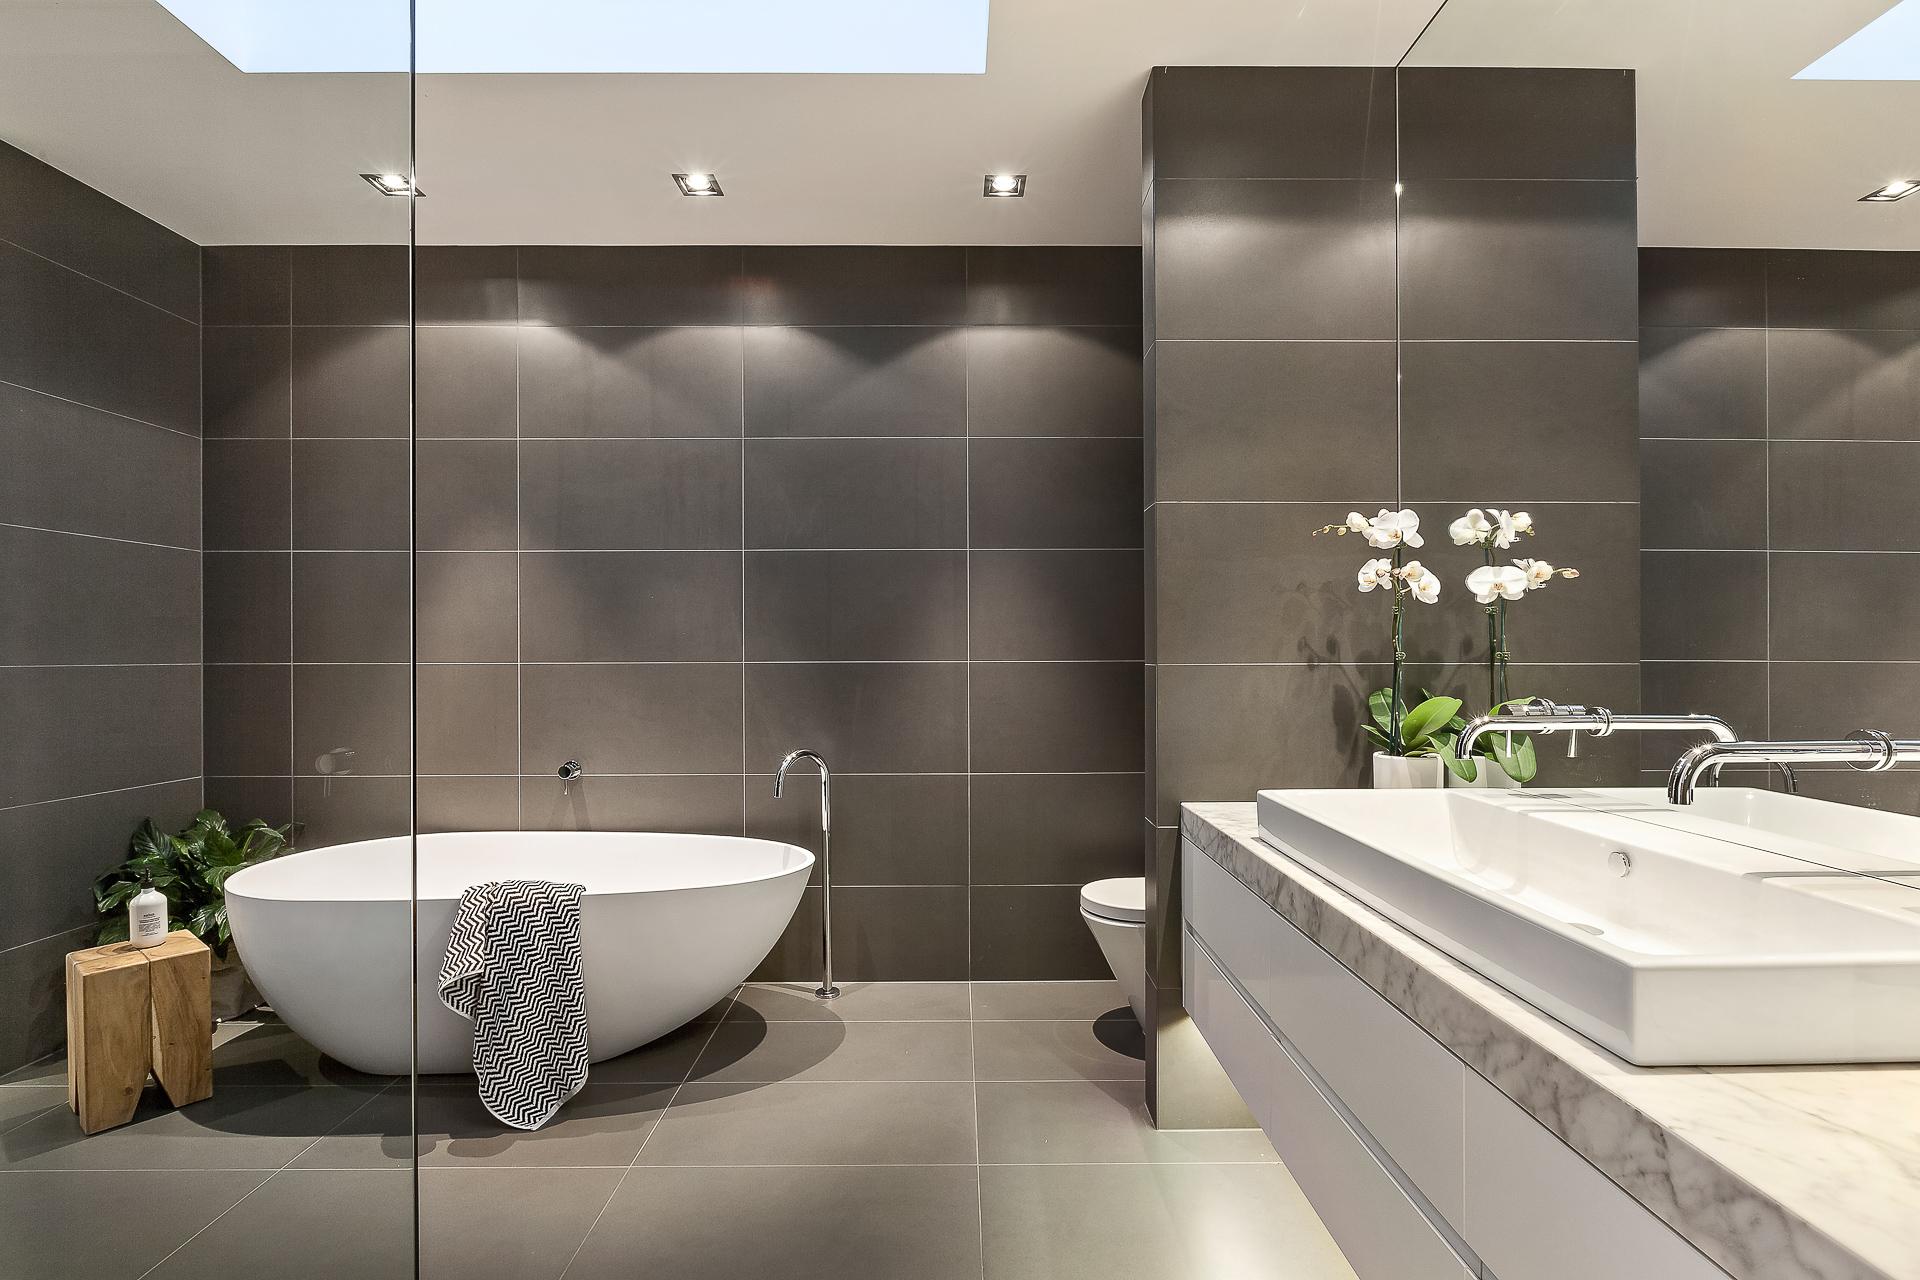 Hvad koster et nyt badeværelse?